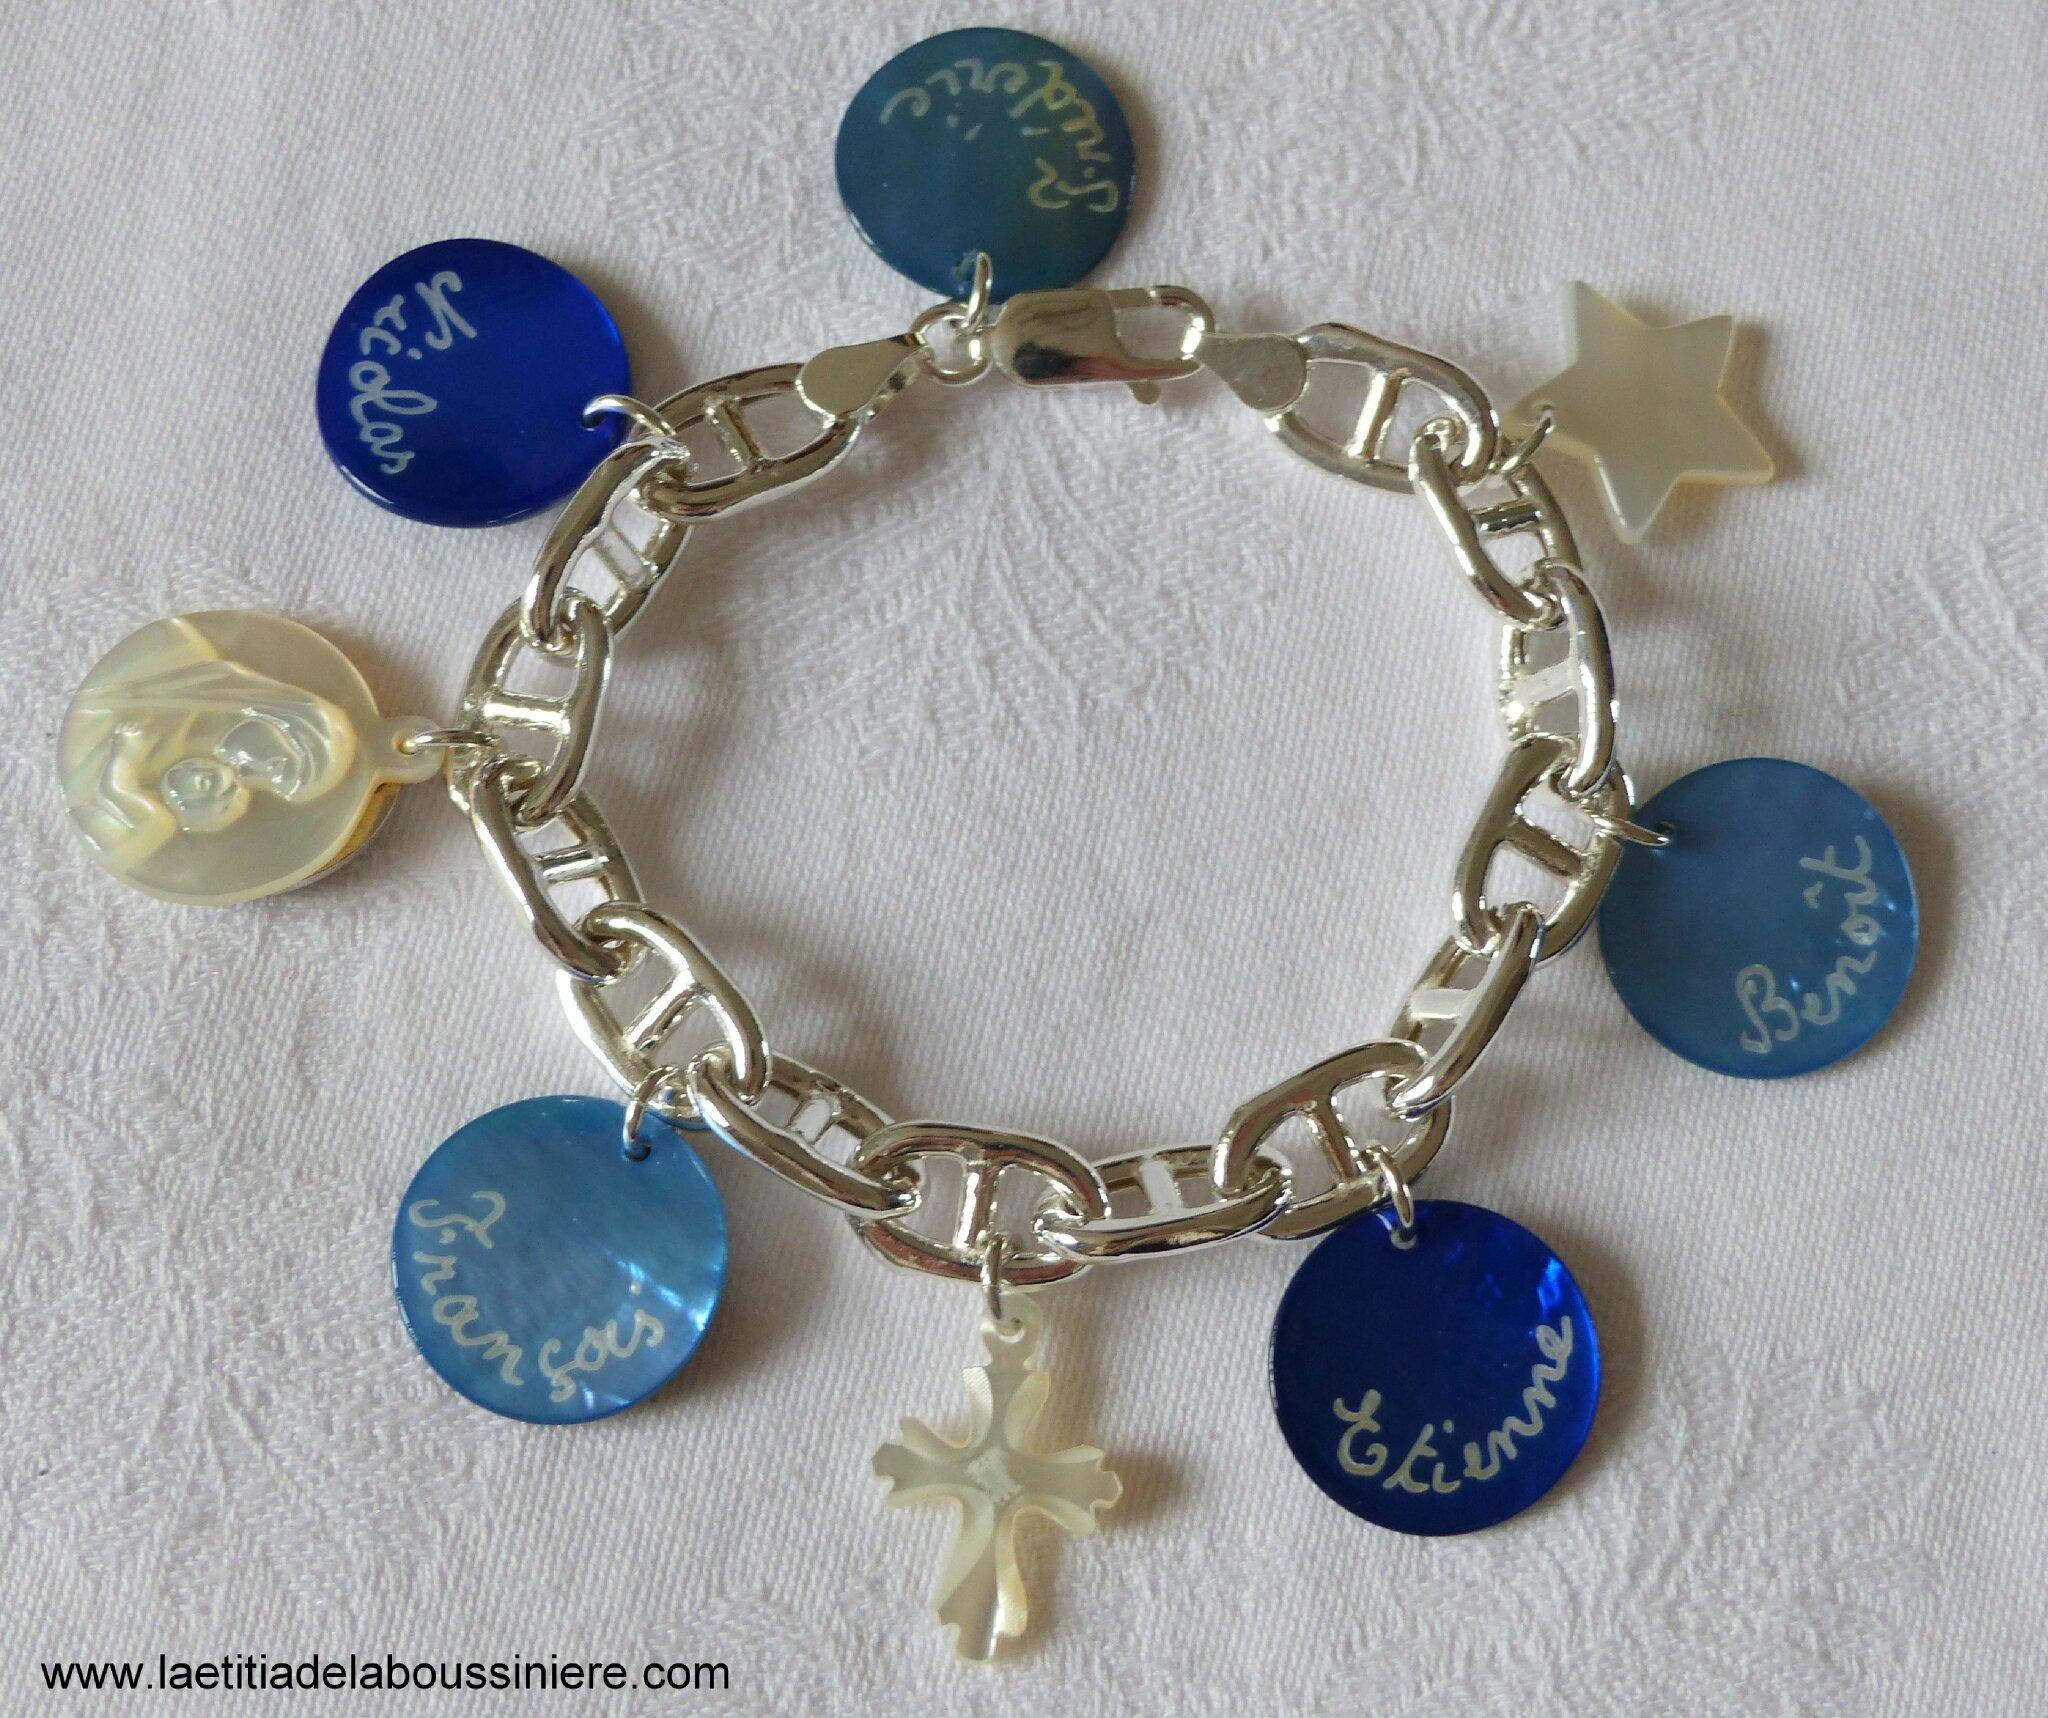 Bracelet sur chaîne en argent massif maille marine composé de 5 médailles en nacre gravées et de pendentifs en nacre (une médaille de Vierge à l'Enfant, une Croix en nacre de Jérusalem et une étoile)